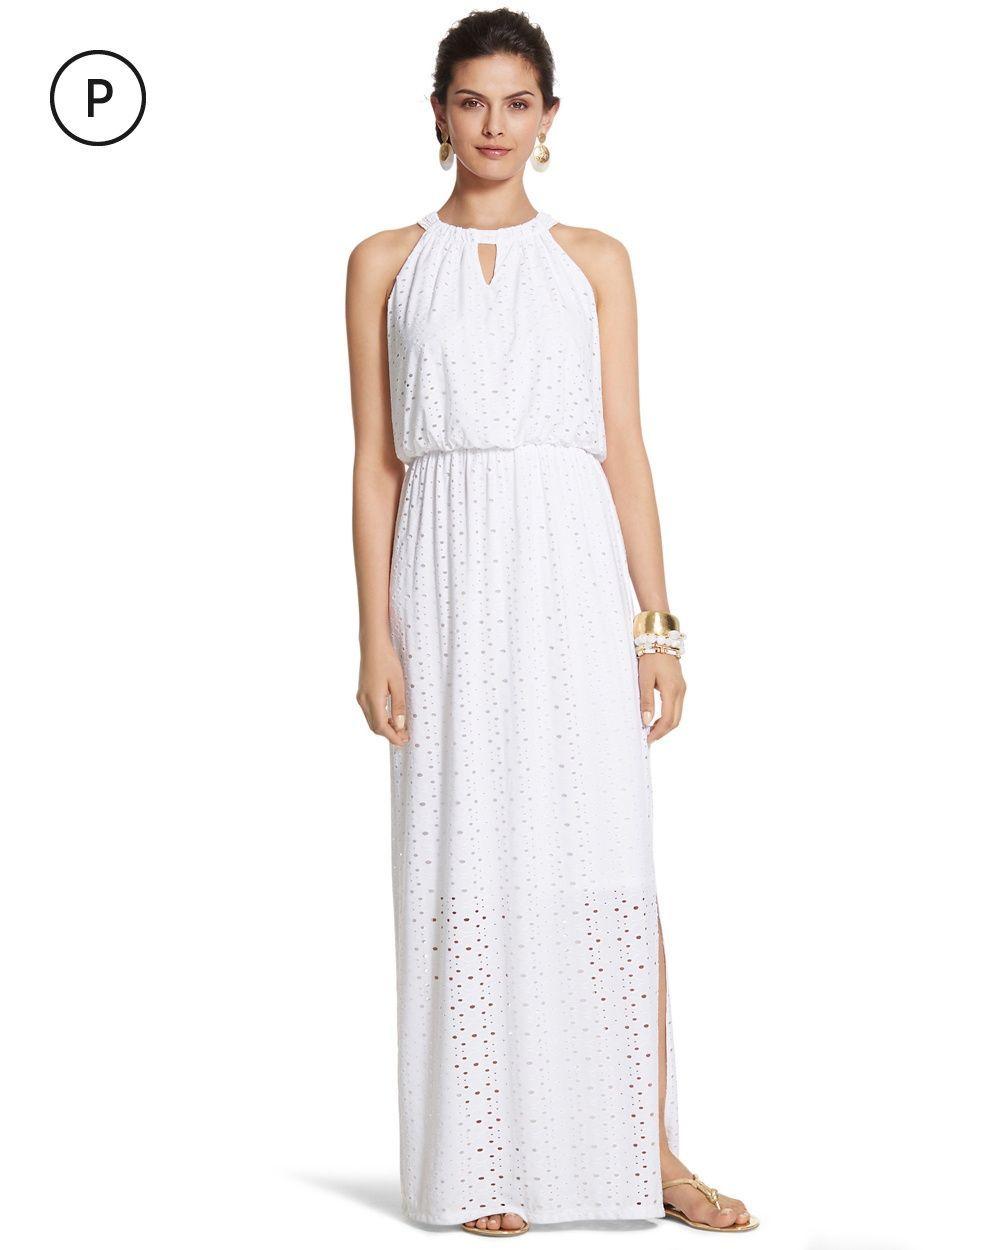 a780e09da46a Maxi Dress Size 16 Petite